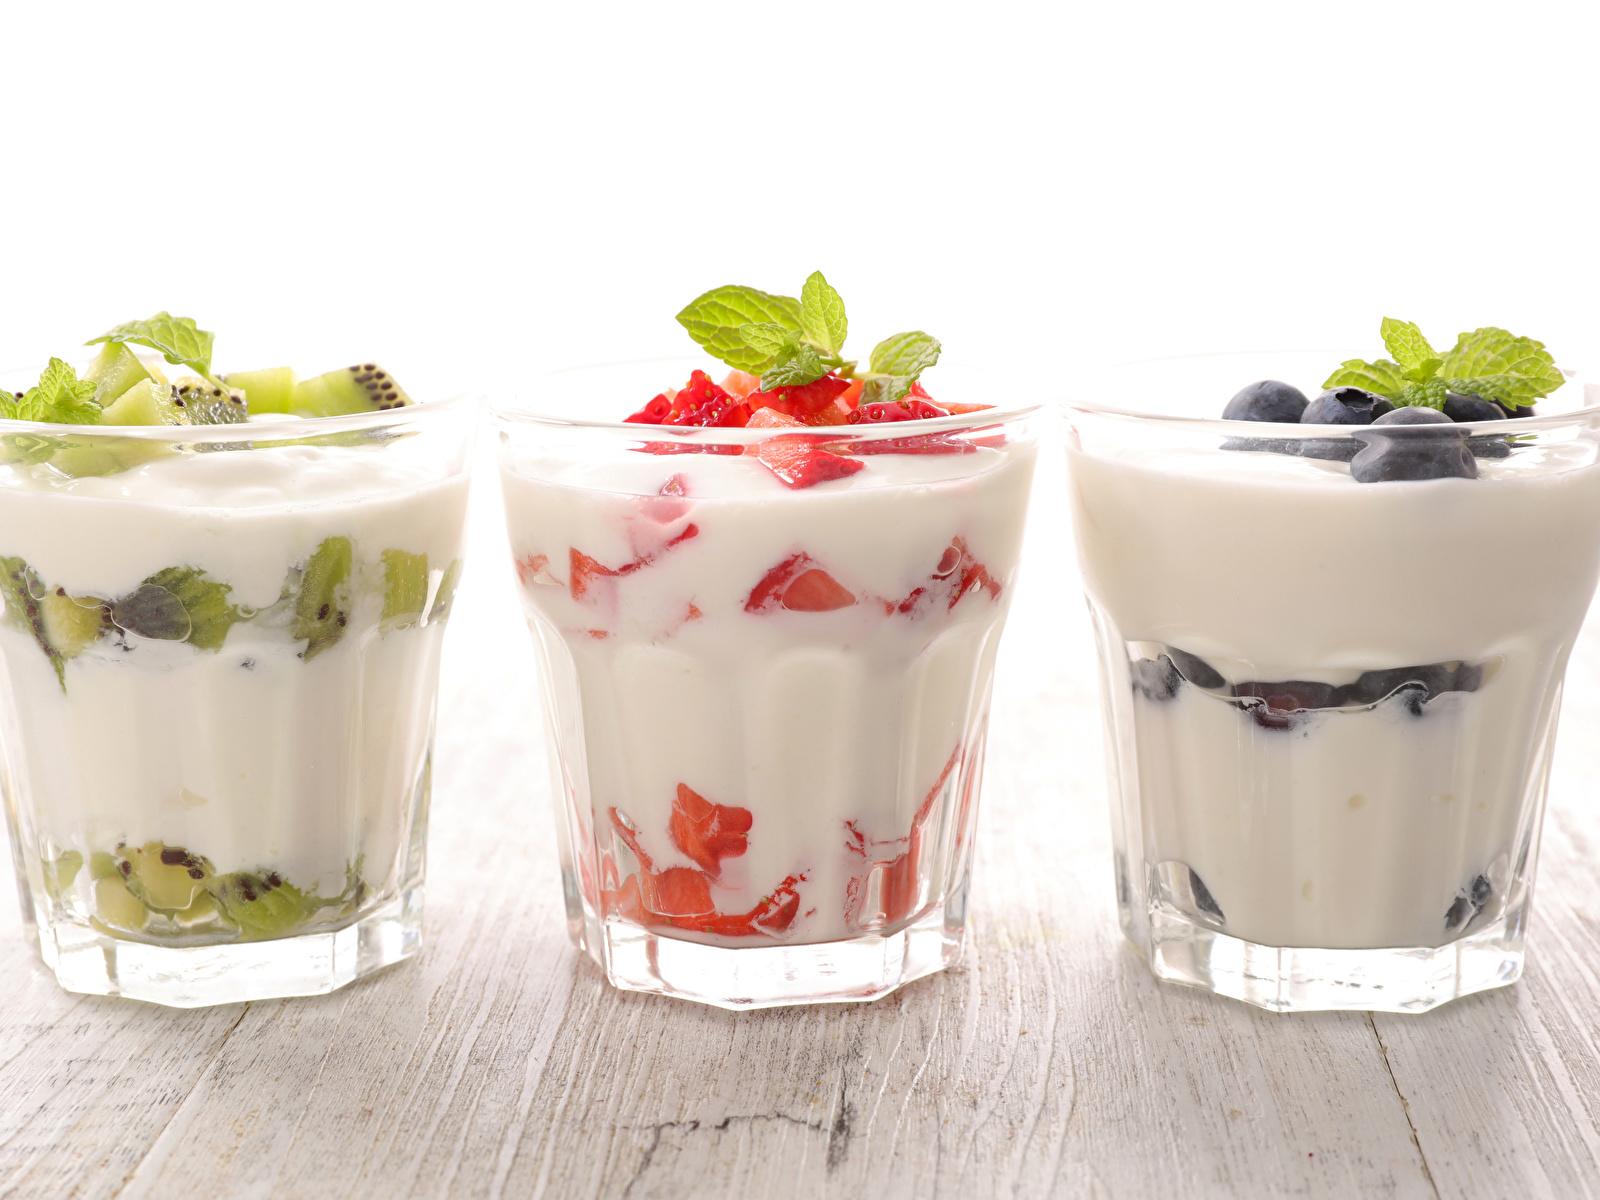 Фотографии Йогурт стакане Пища Трое 3 Фрукты 1600x1200 Стакан стакана Еда три втроем Продукты питания